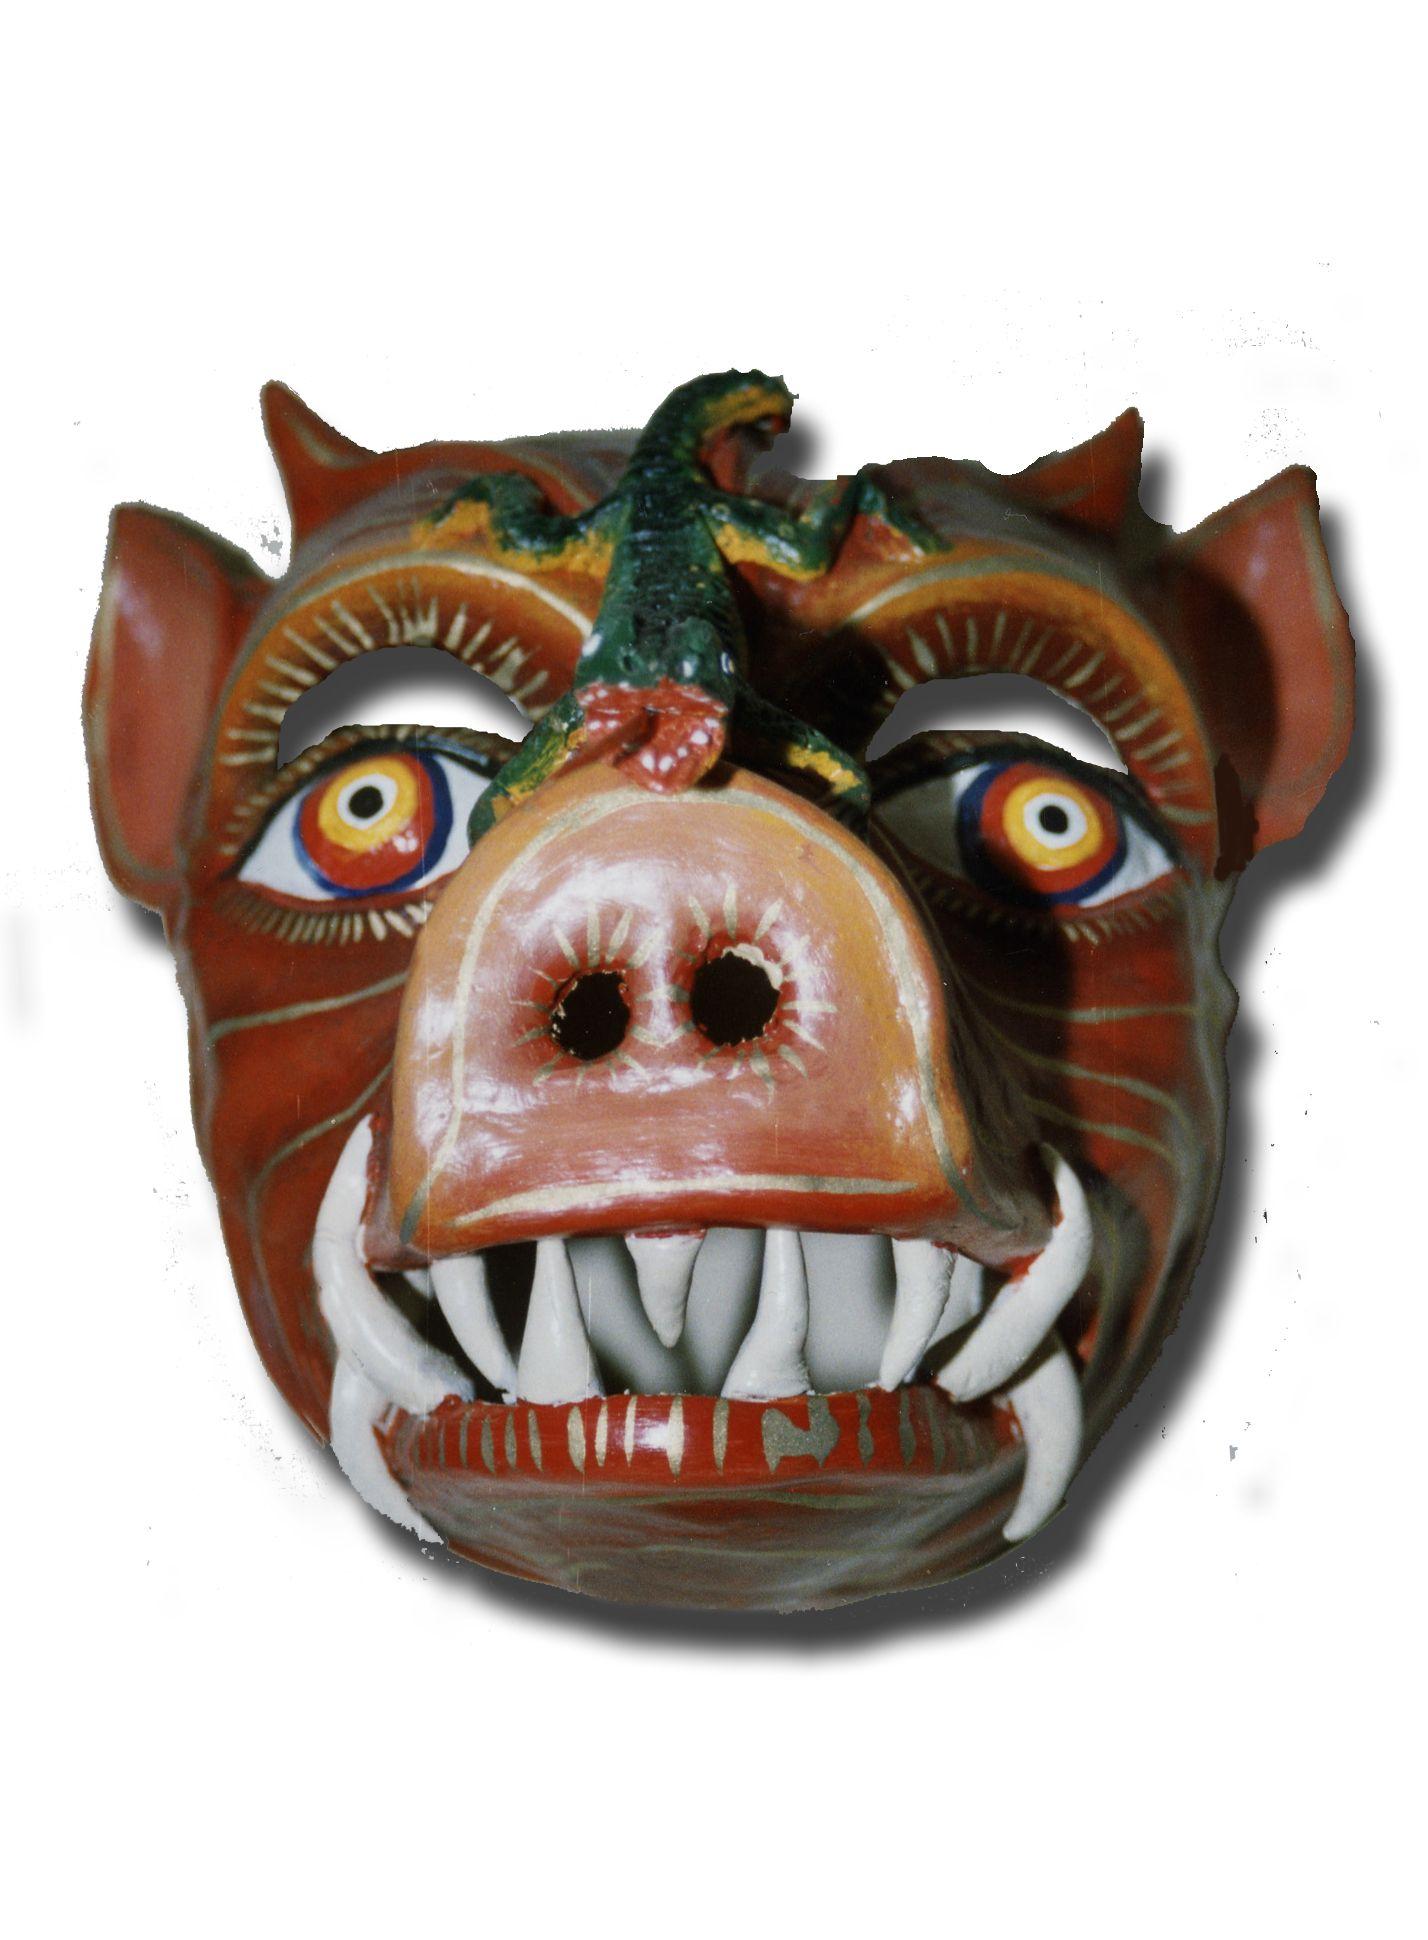 Saqra chancho, diablo de Paucartambo. Museo Virtual de Arte Popular Ayllumedia. Fuente: Colección Santiago Rojas, Cuzco. Foto e investigación de Teatro andino : Herbert Salas